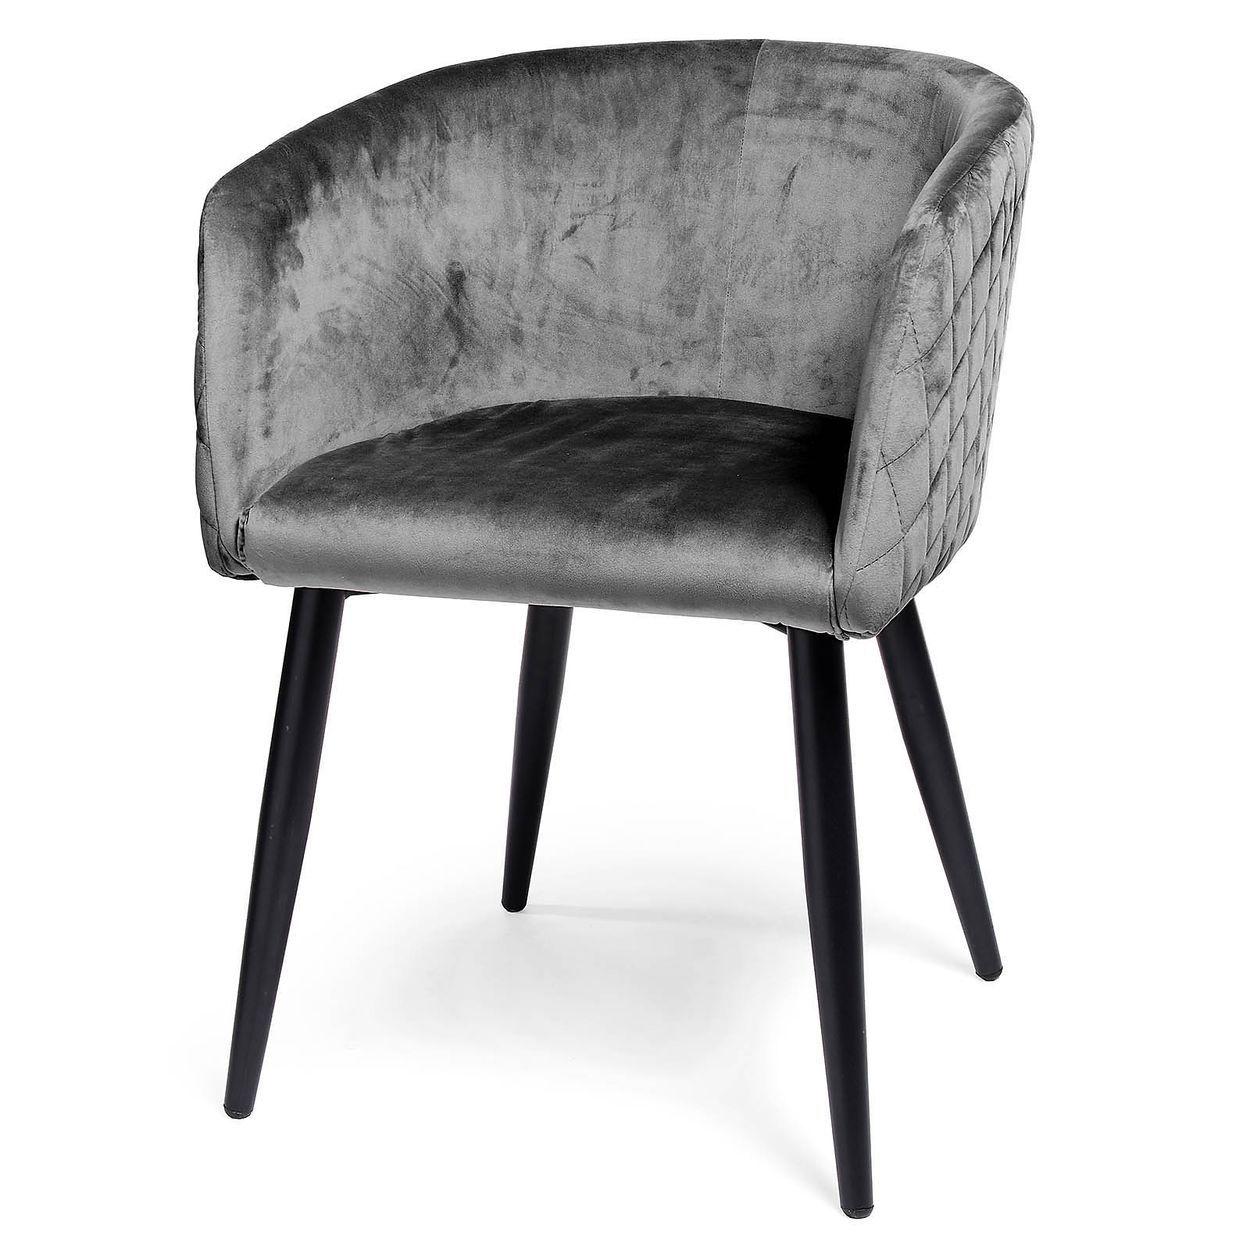 Samtstuhl 55x76x57cm Grau Stuhle Sitzplatz Und Zuhause